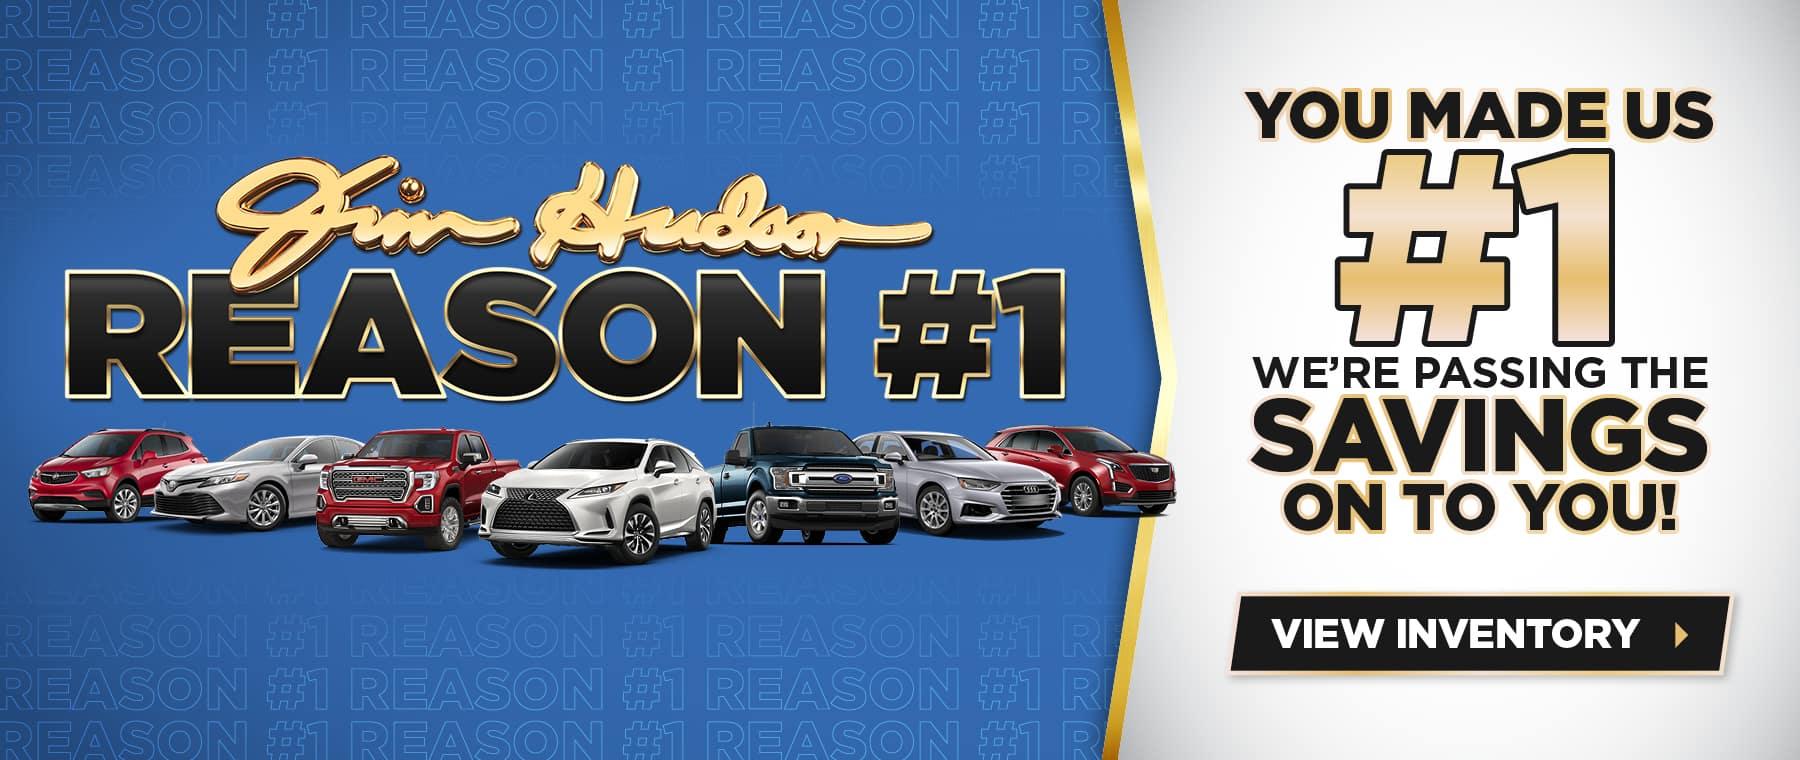 Jim Hudson Reason #1